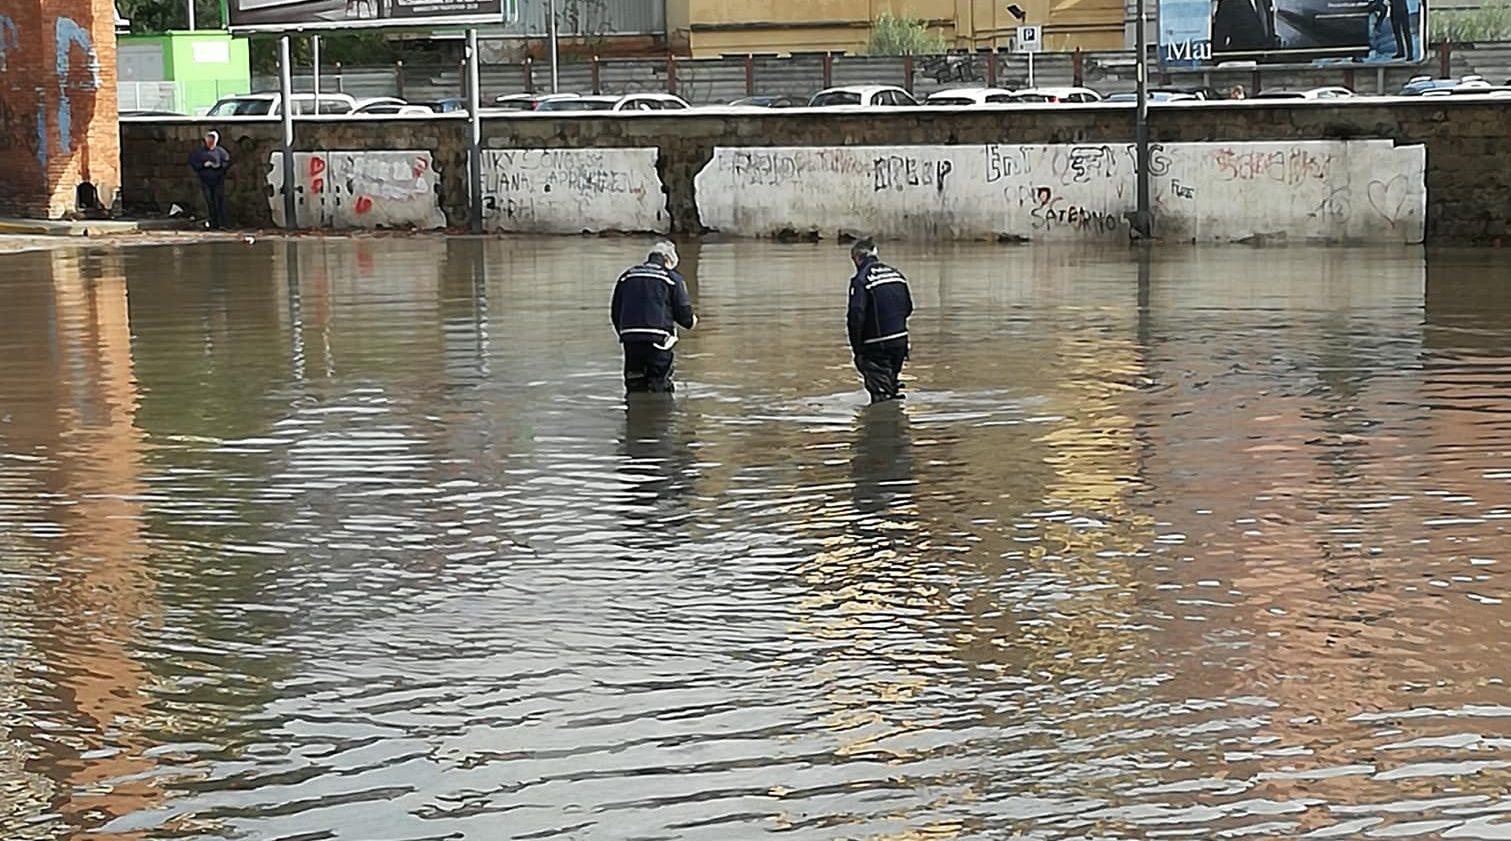 Maltempo, Avellino disagi e danni in città: Piazza Kennedy allagata